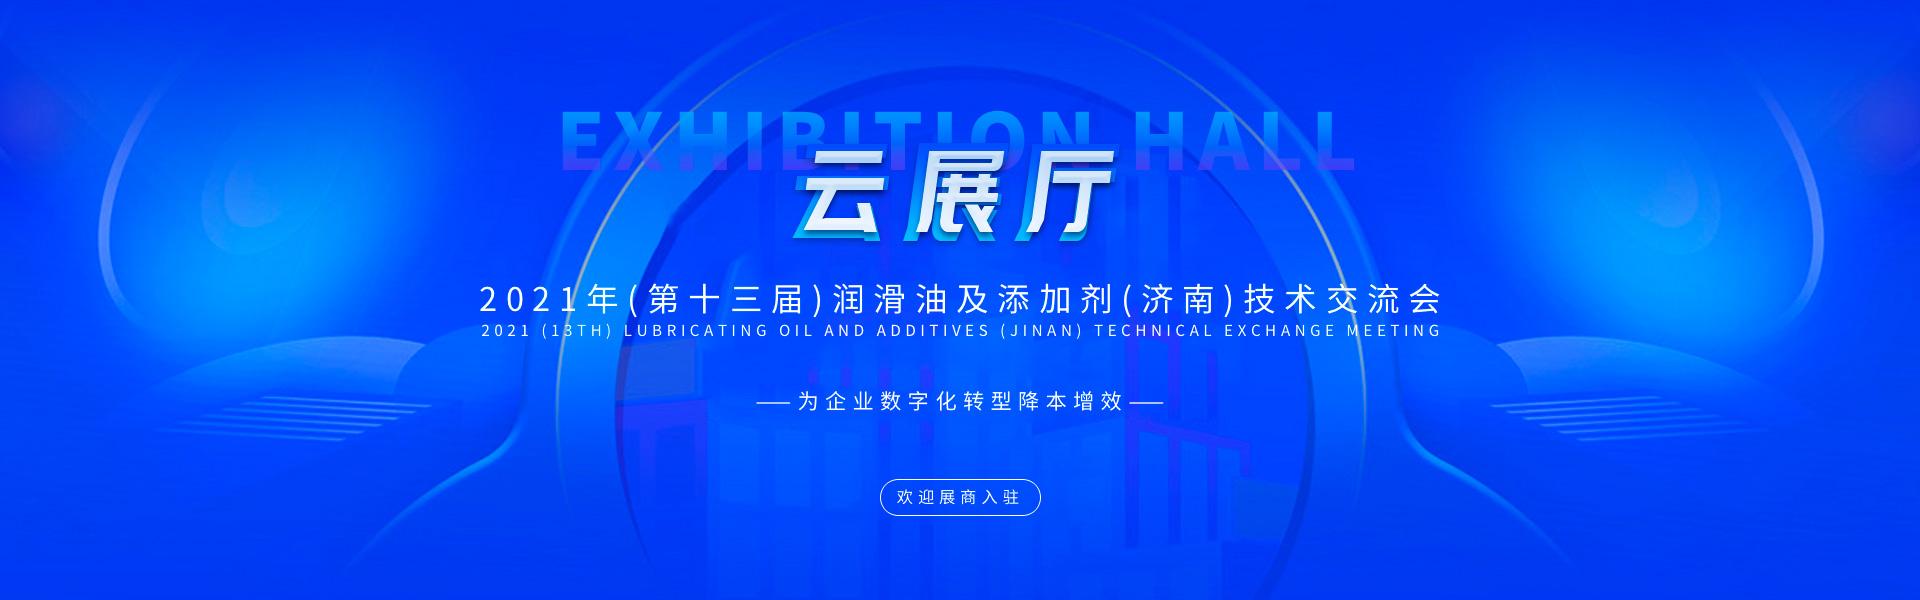 2021年(第十三届)润滑油及添加剂(济南)技术交流会